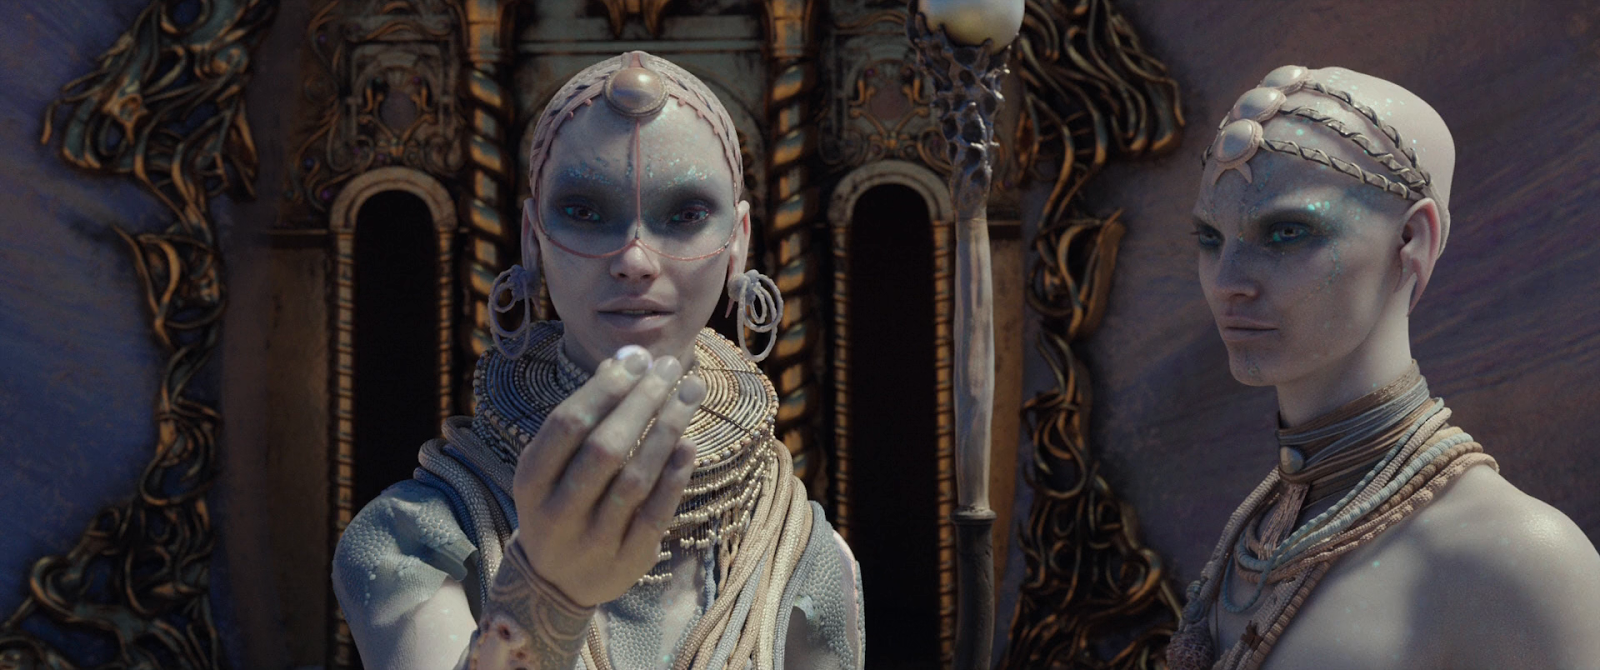 Valerian y la Ciudad de los Mil Planetas (2017) BRRip 1080p Latino - Ingles captura 1